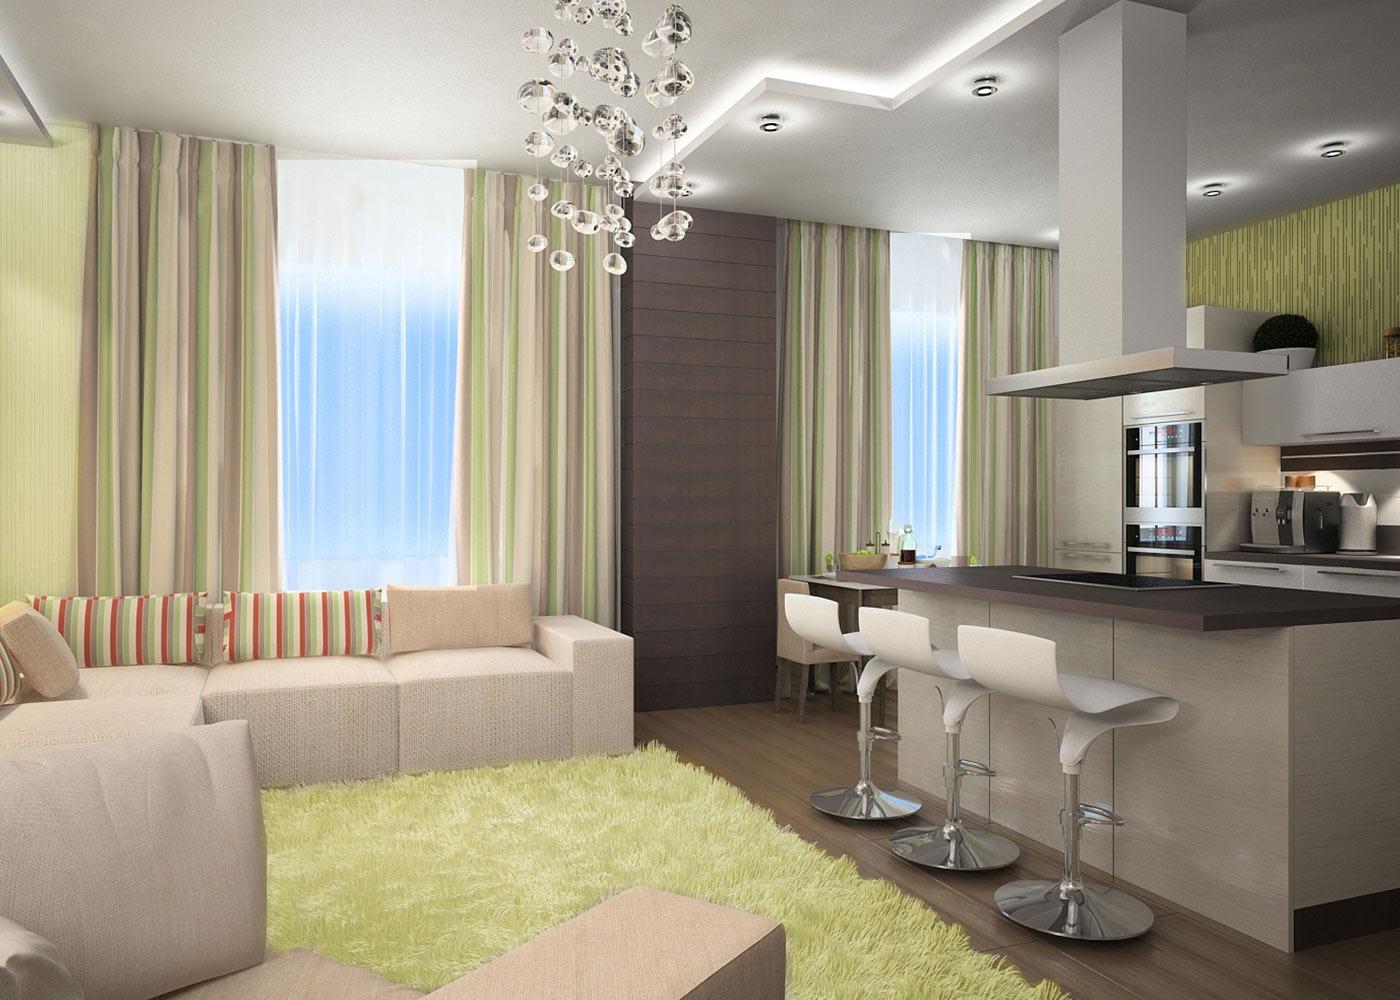 Дизайн кухни гостиной (реальные фото)